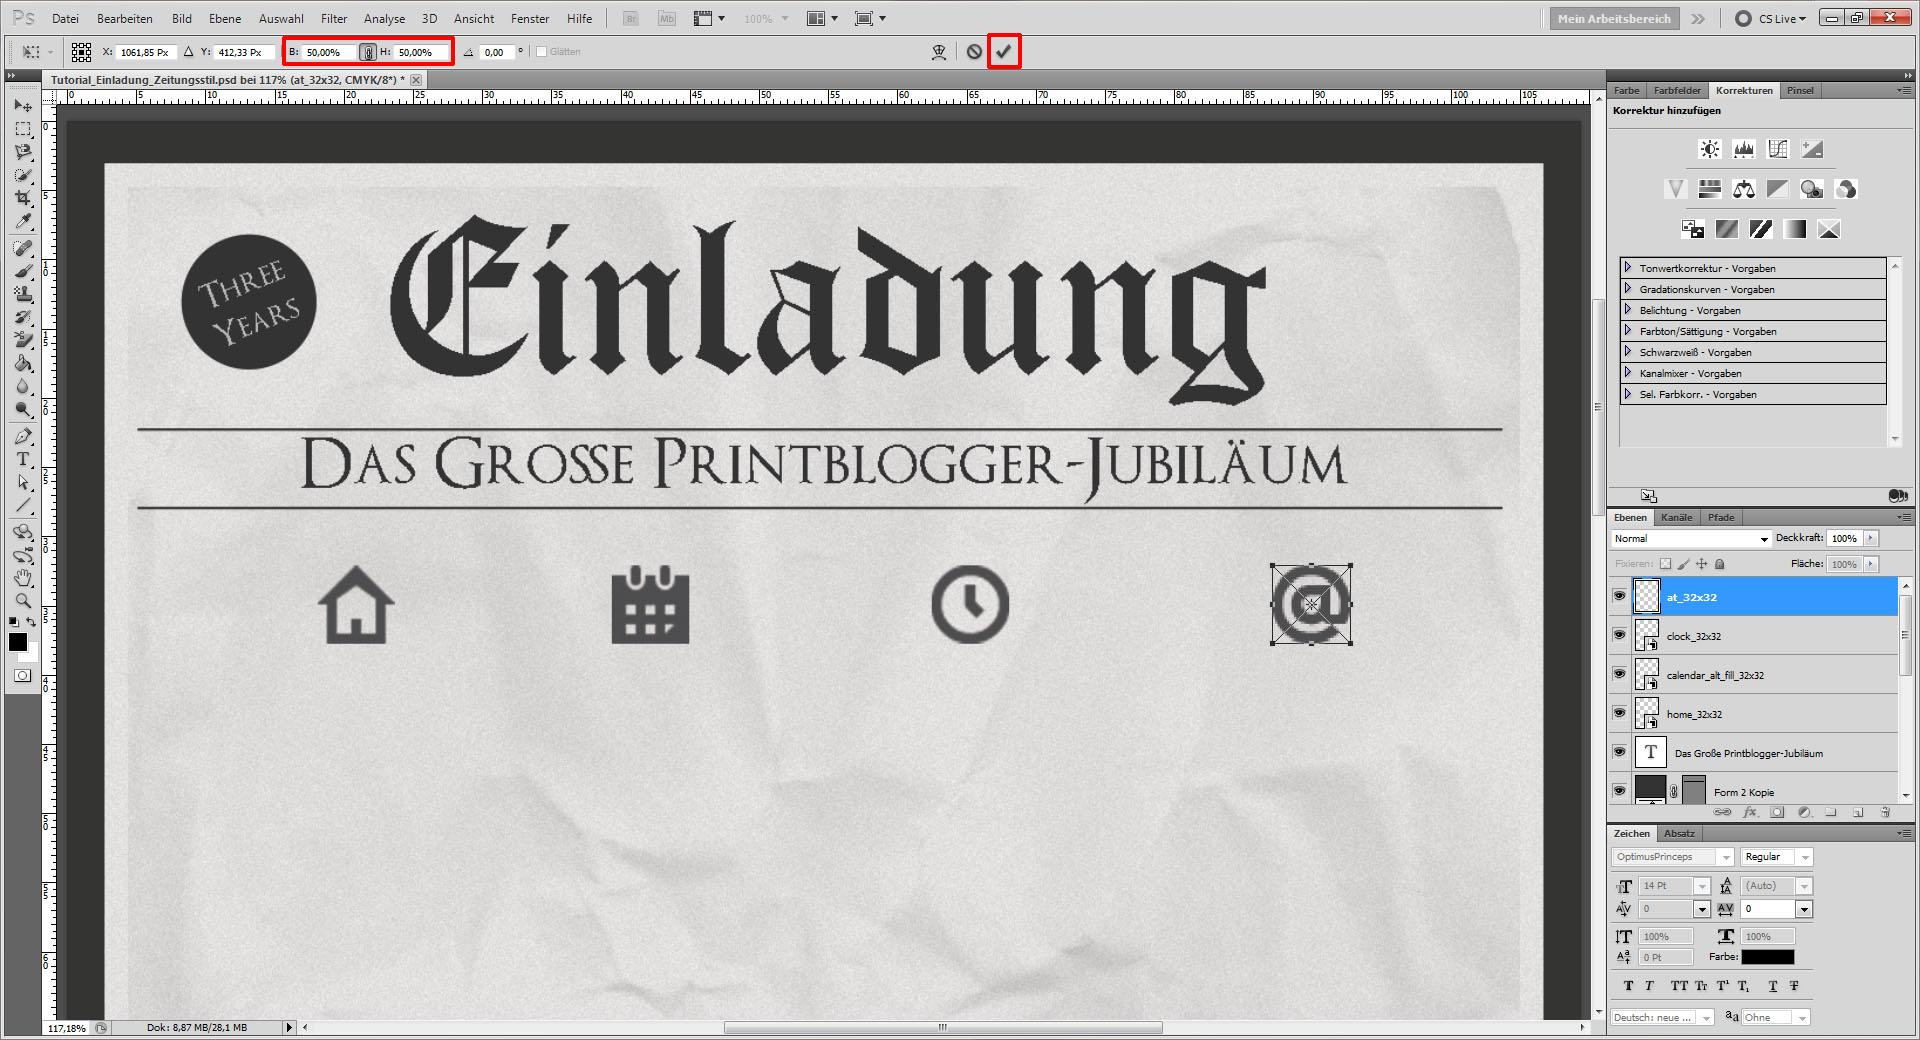 Tutorial: Einladung im Zeitungsstil gestalten » Saxoprint-Blog